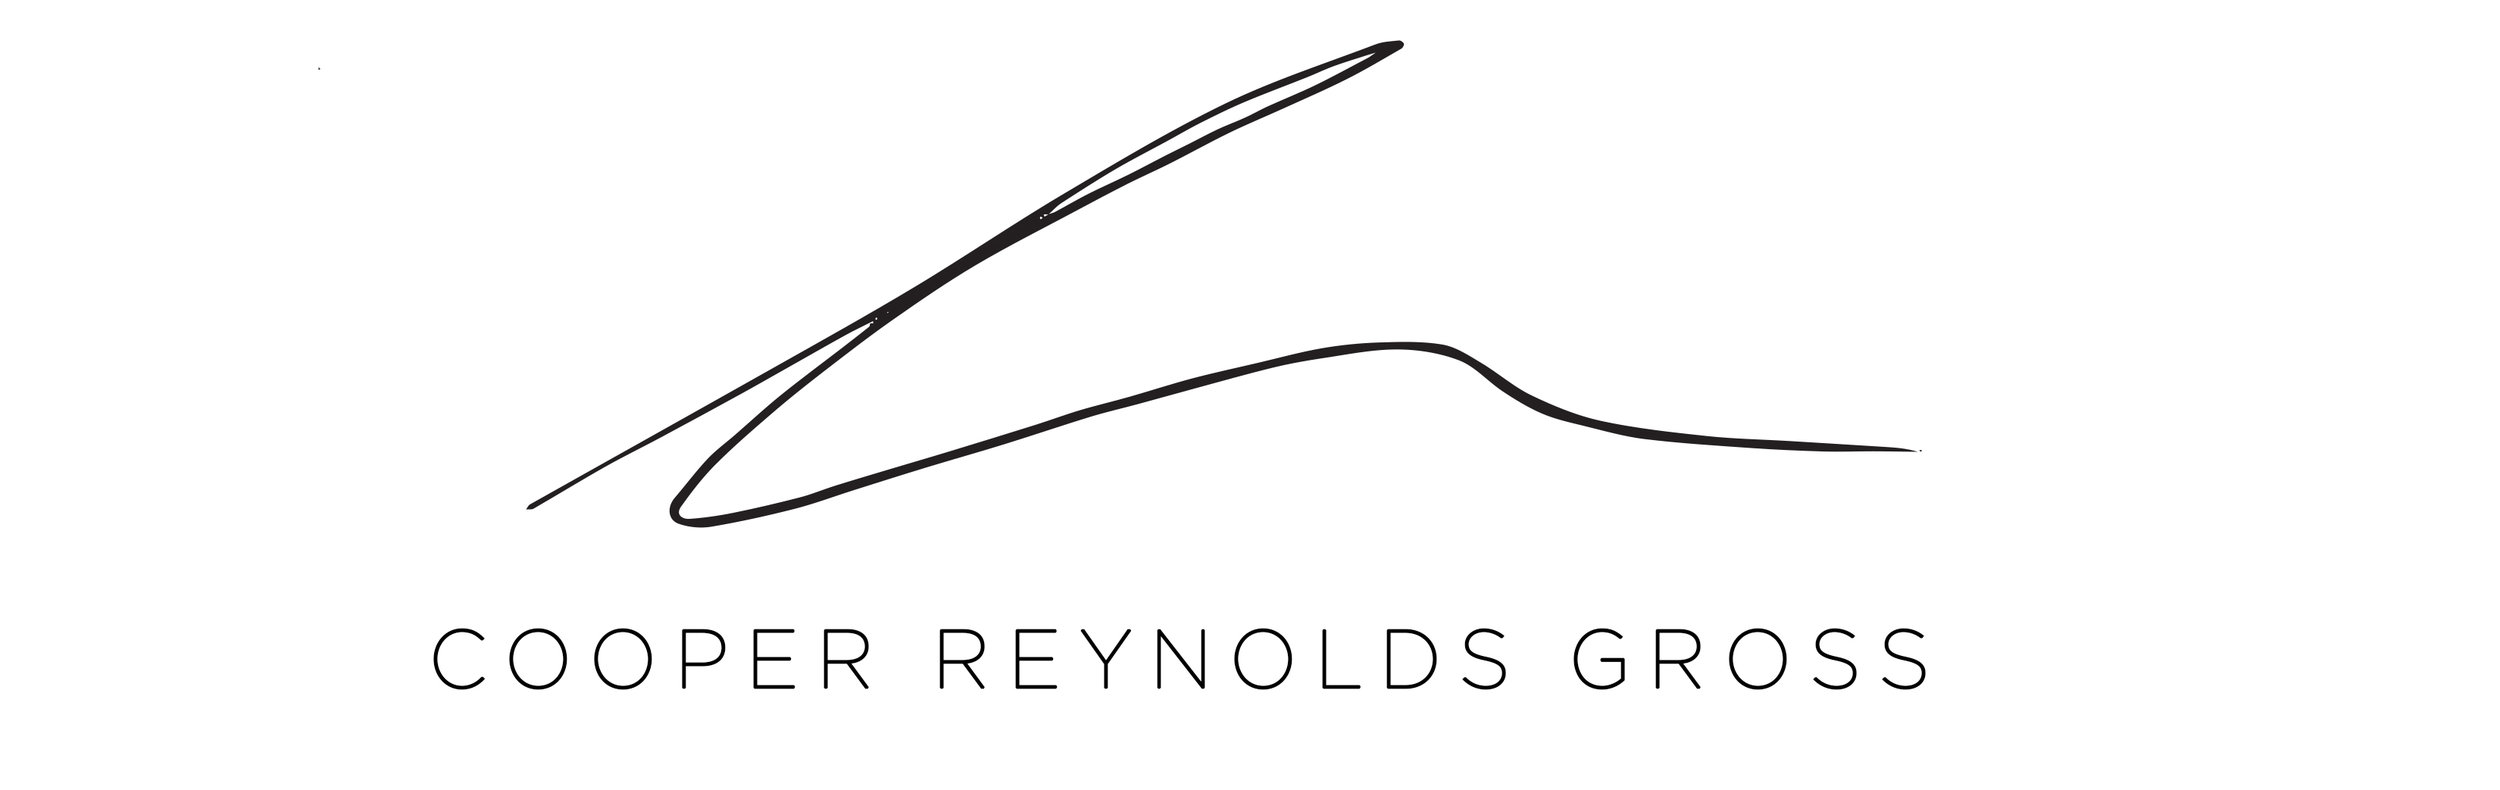 Cooper-Reynolds-Gross-Logo.jpg